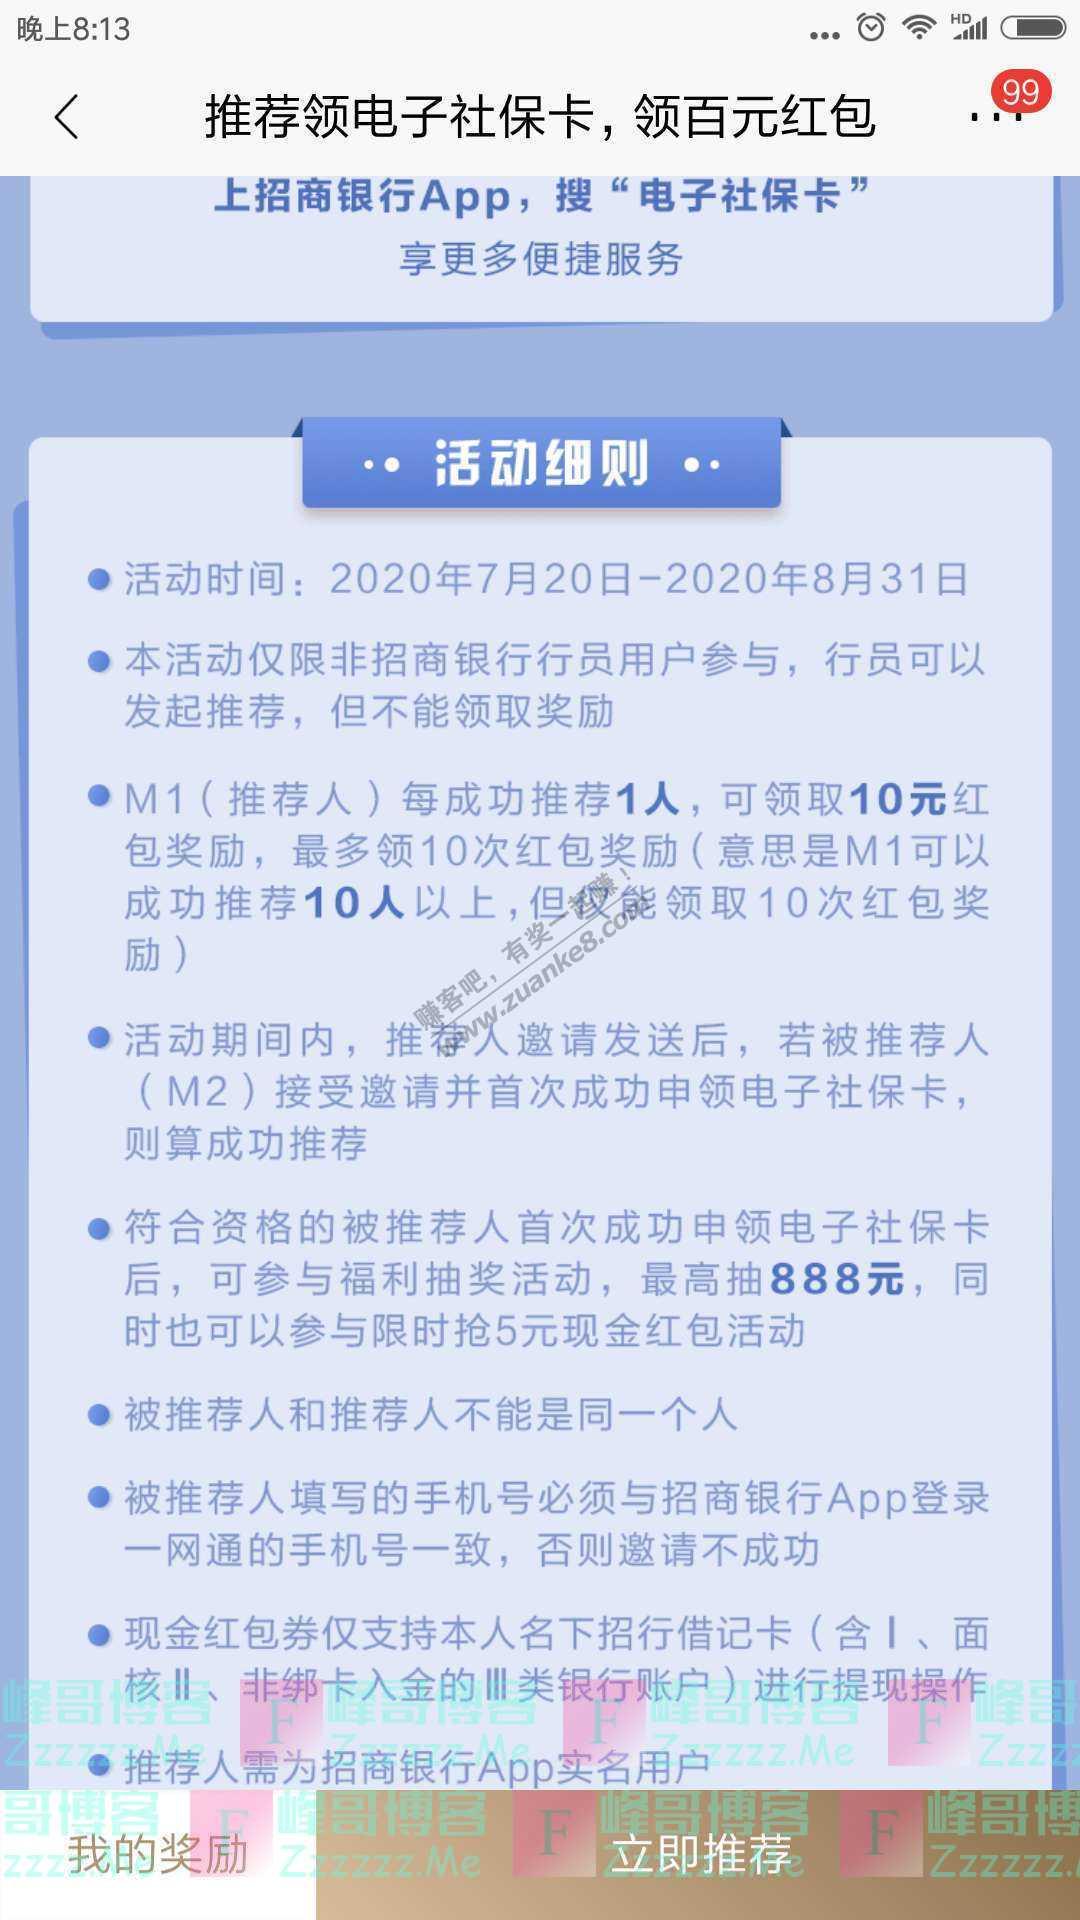 招商银行app推荐领电子社保卡领百元红包(截止8月31日)